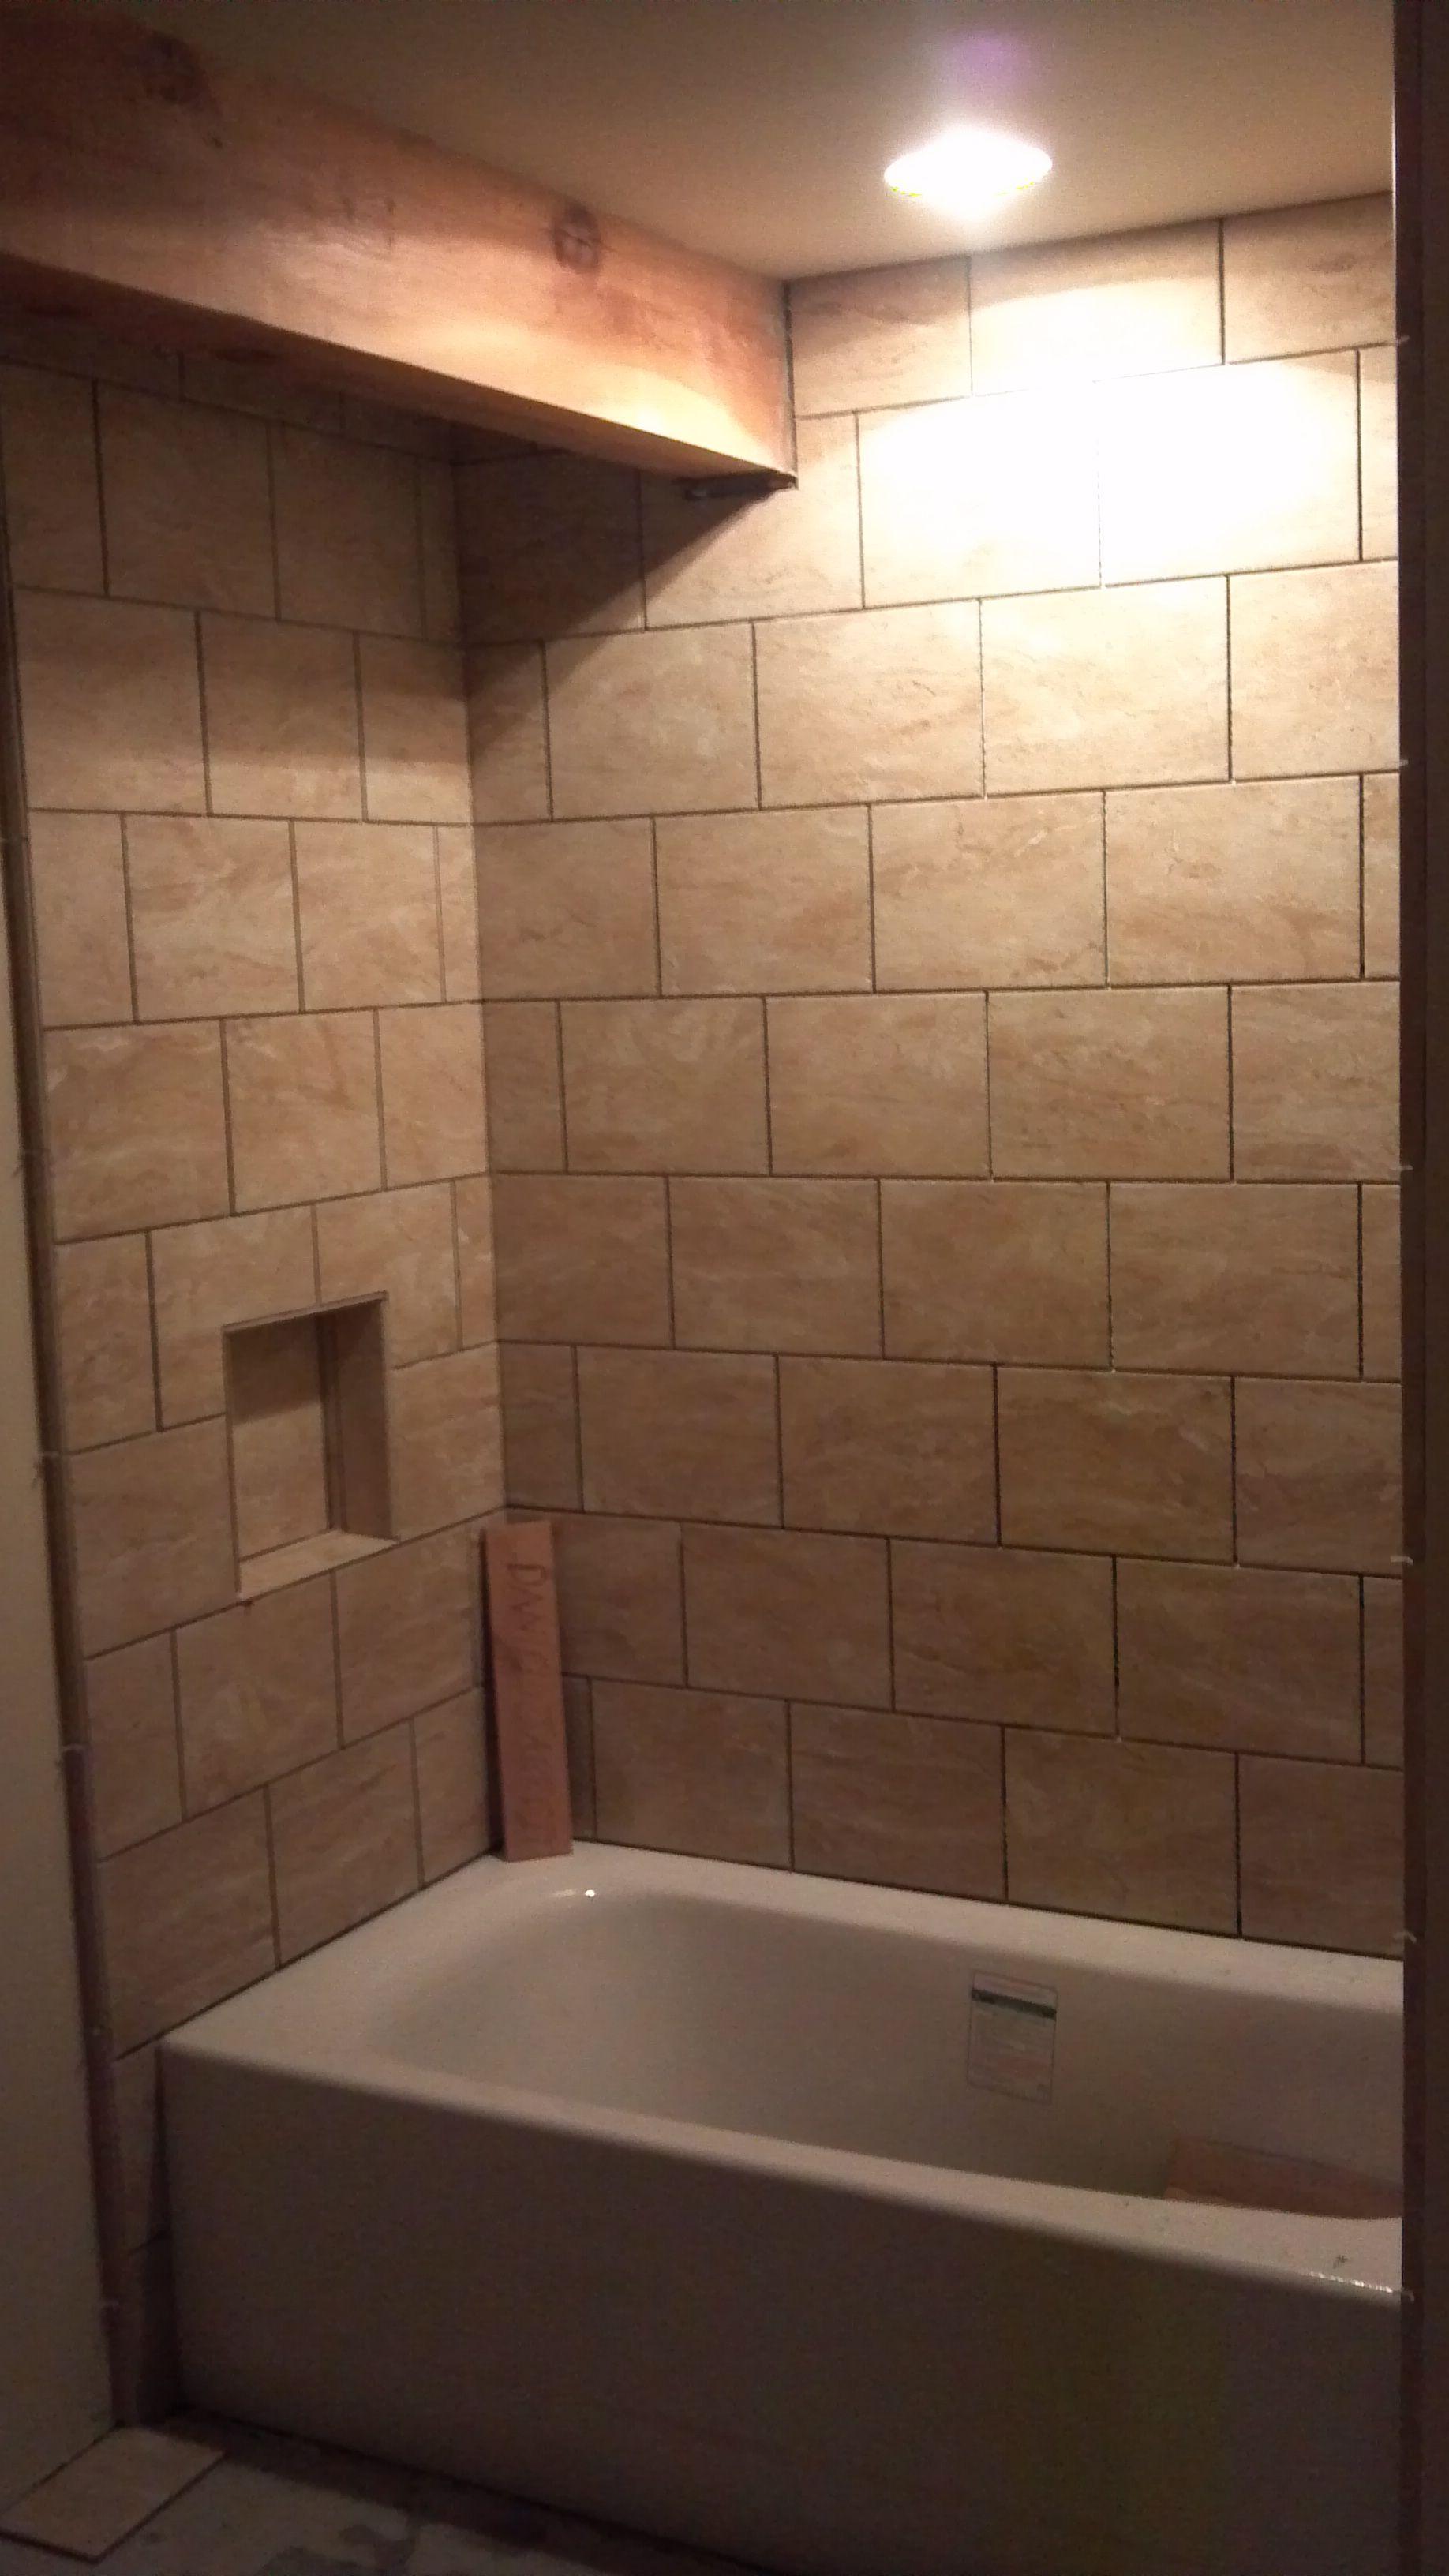 Ceramic tile tubsurround  Bathroom tubs  fixtures  Pinterest  Tile tub surround Tub